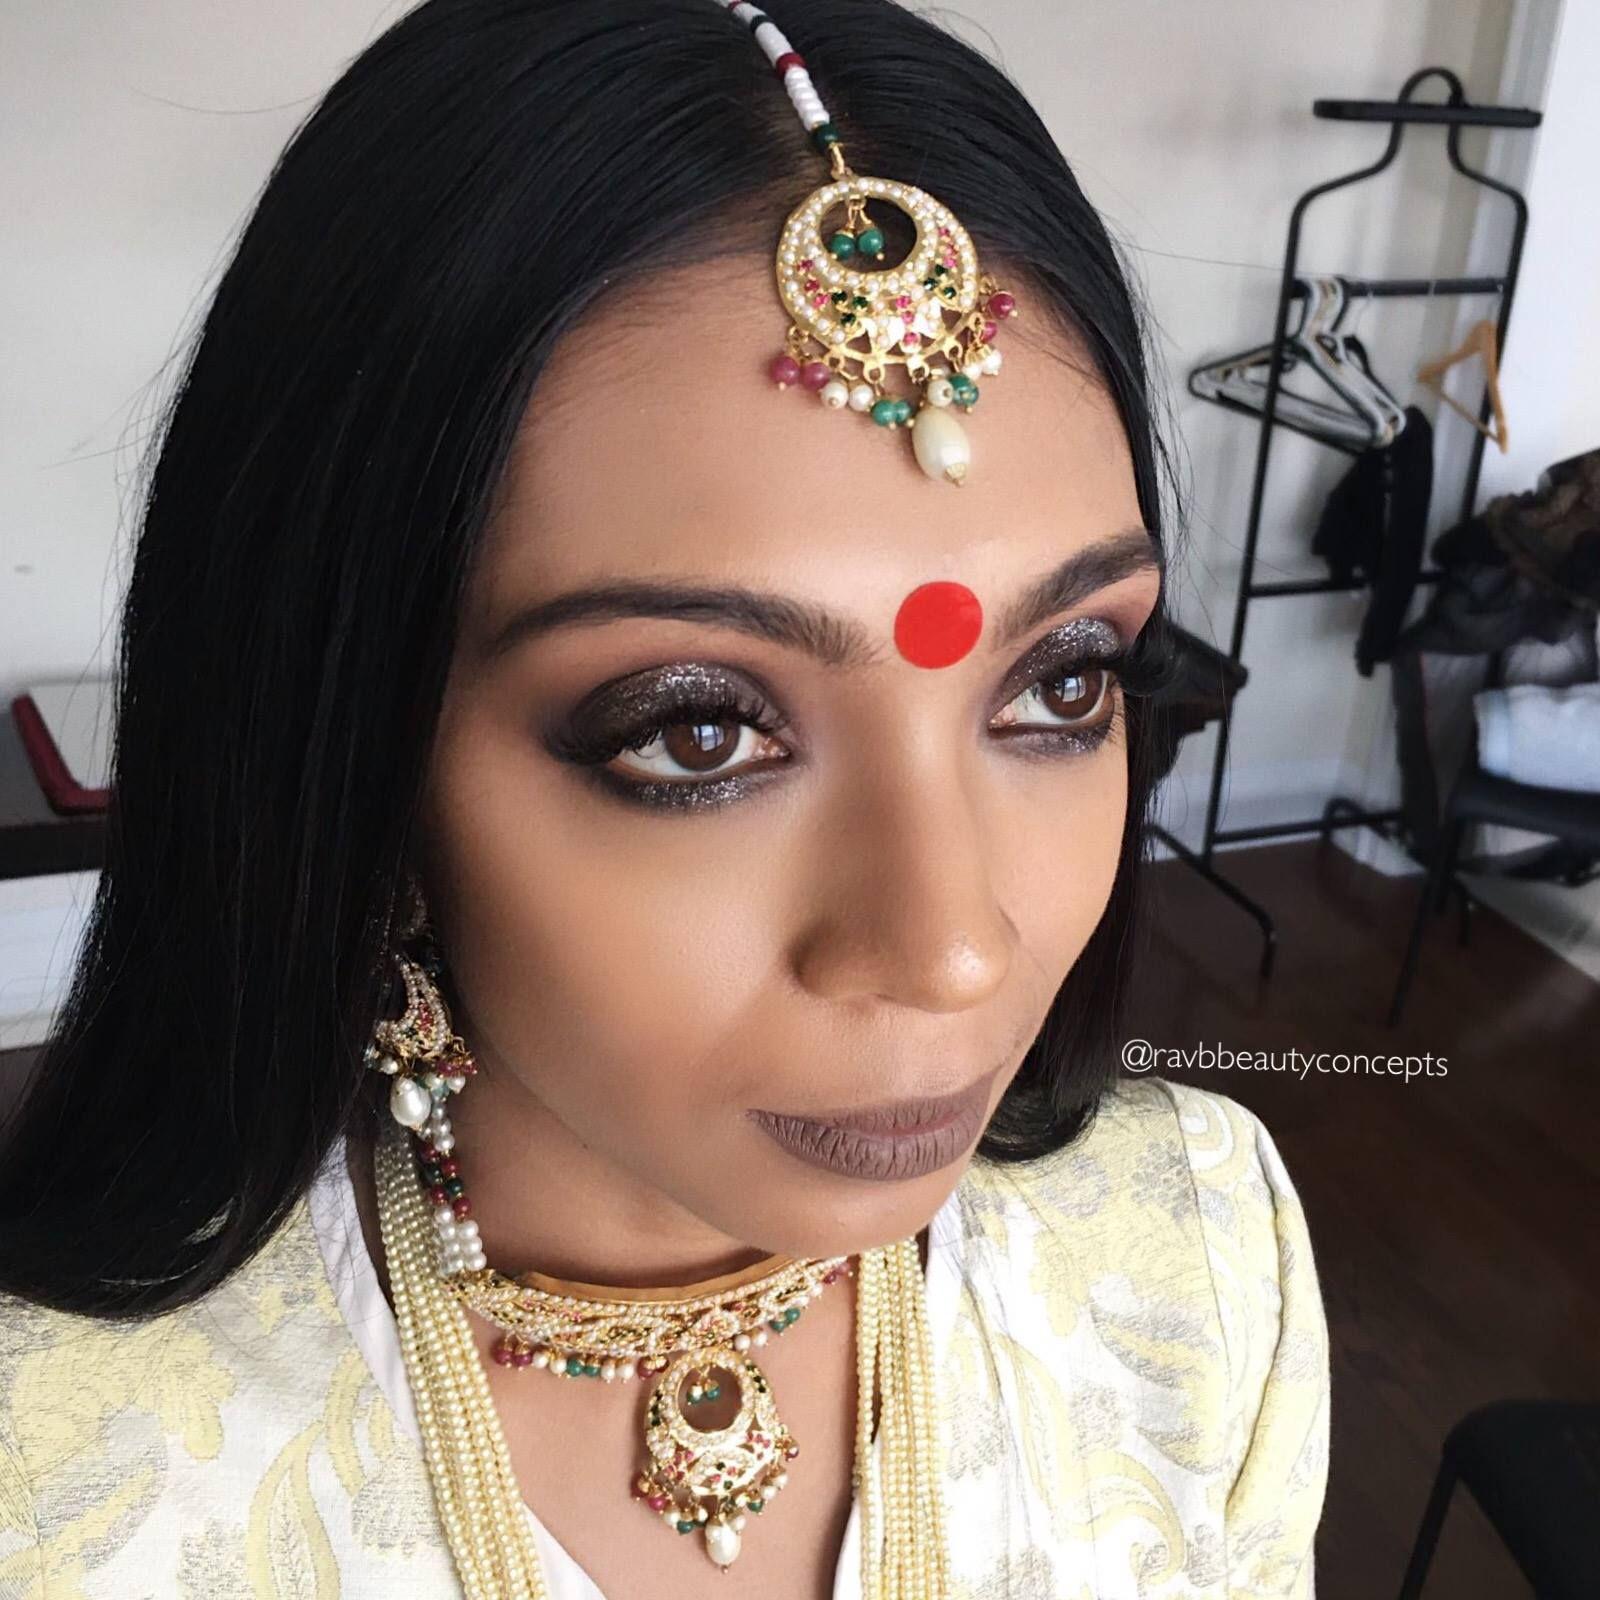 Indian Bridal Makeup Bridal Makeup Indian Bridal Hair Bridal Hair South Asian Bridal Makeup Pak Bridal Makeup Indian Bridal Makeup Pakistani Bridal Makeup